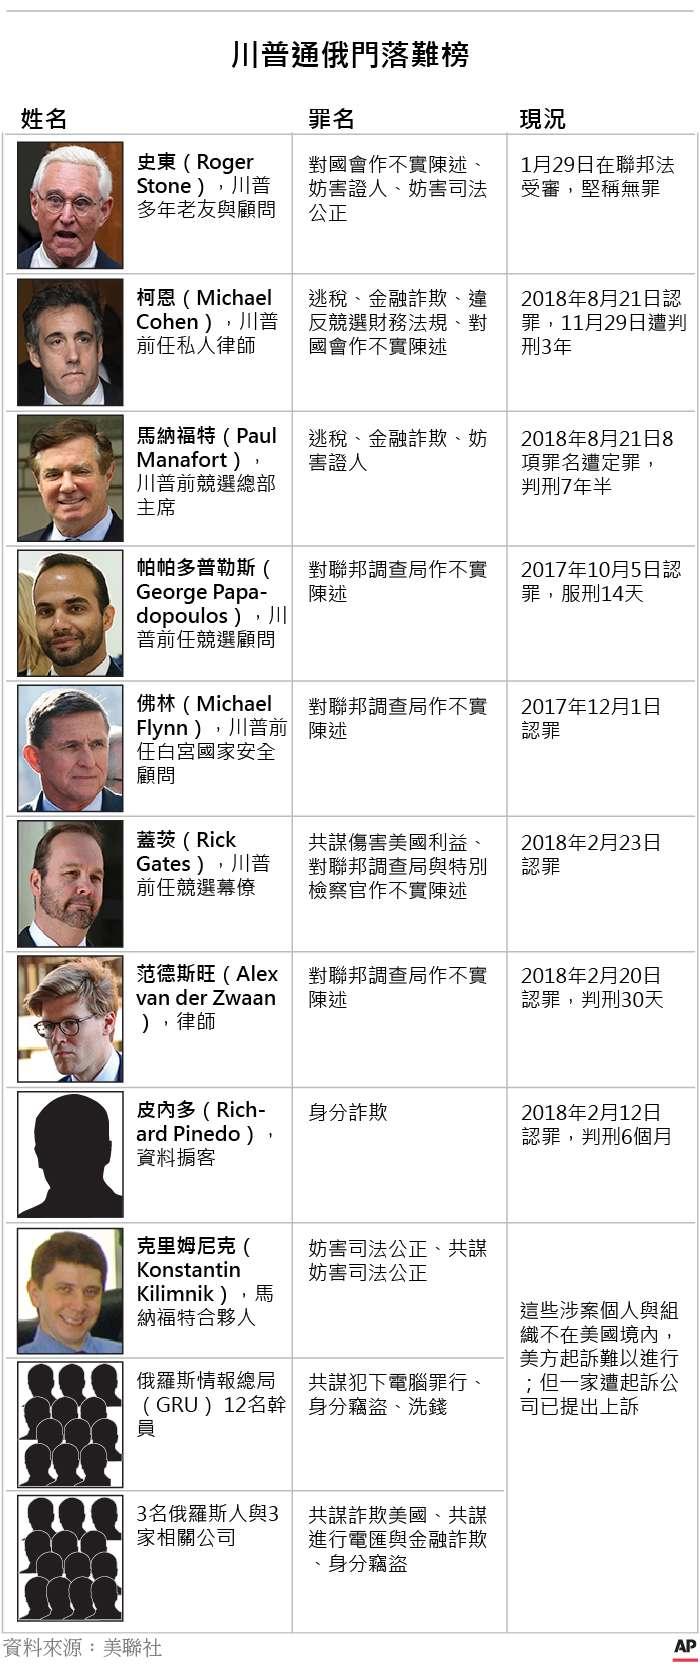 20190323-SMG0035-國際_B川普「通俄門」風暴落難榜(AP.風傳媒製圖)